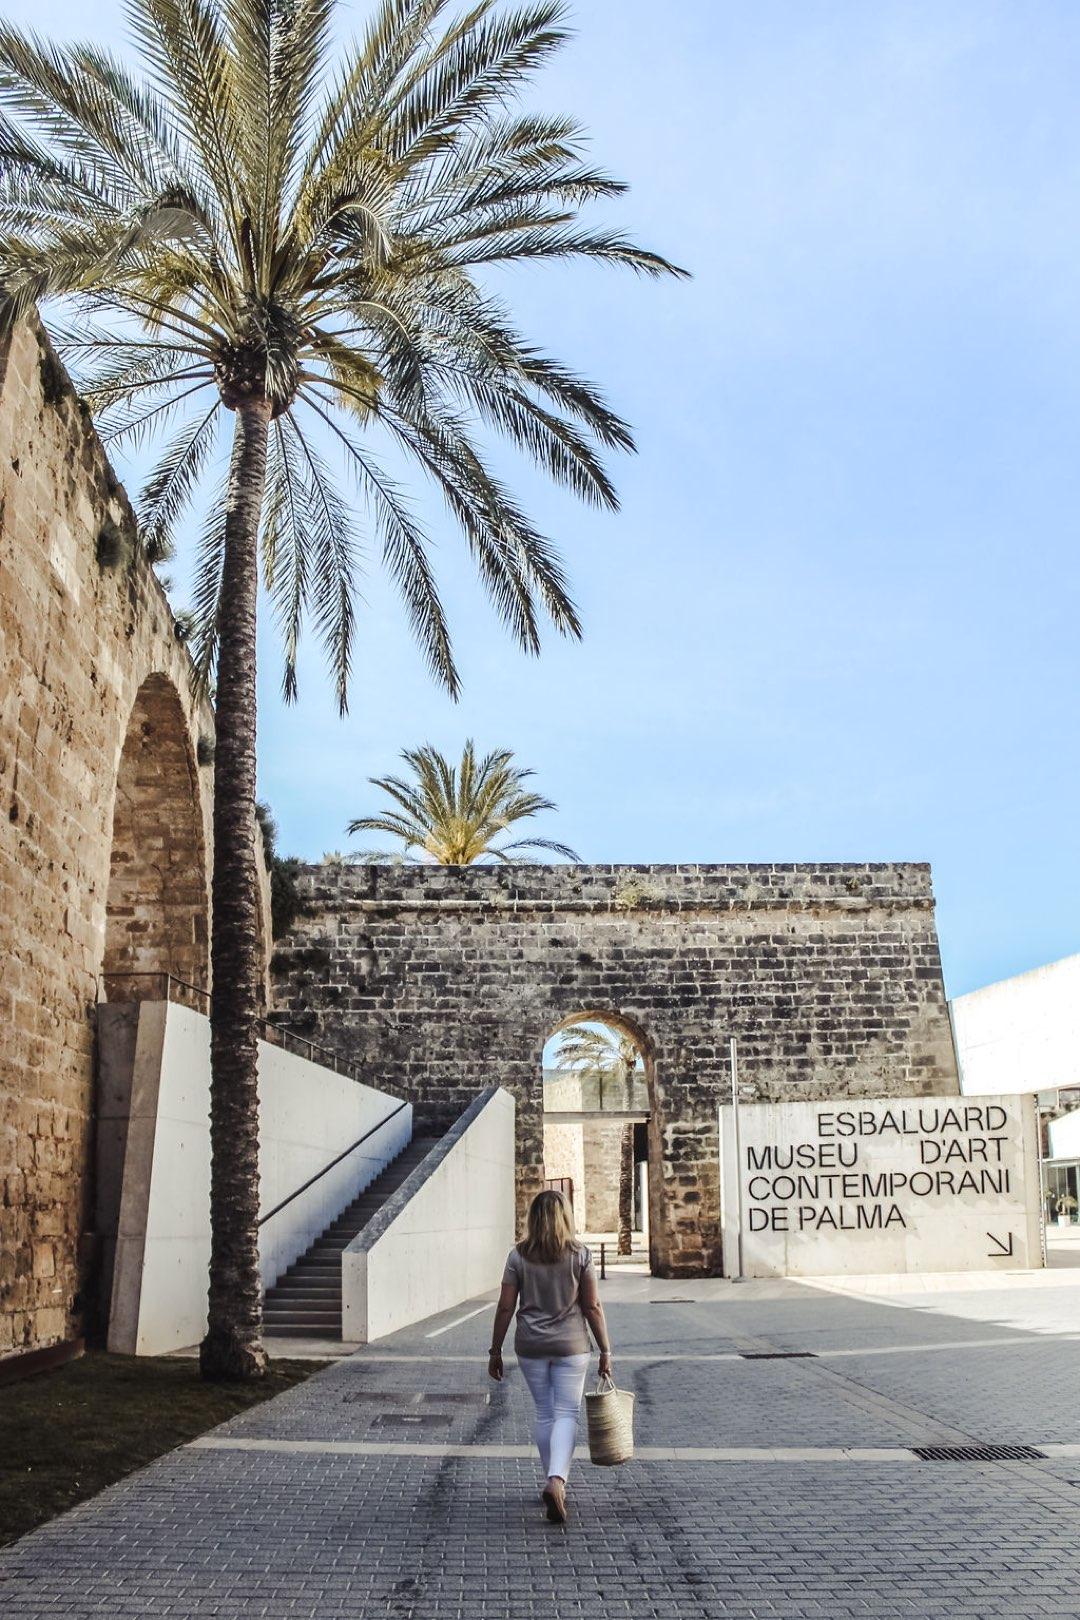 Mallorca ohne Mietwagen entdecken mit dem EMT Palma